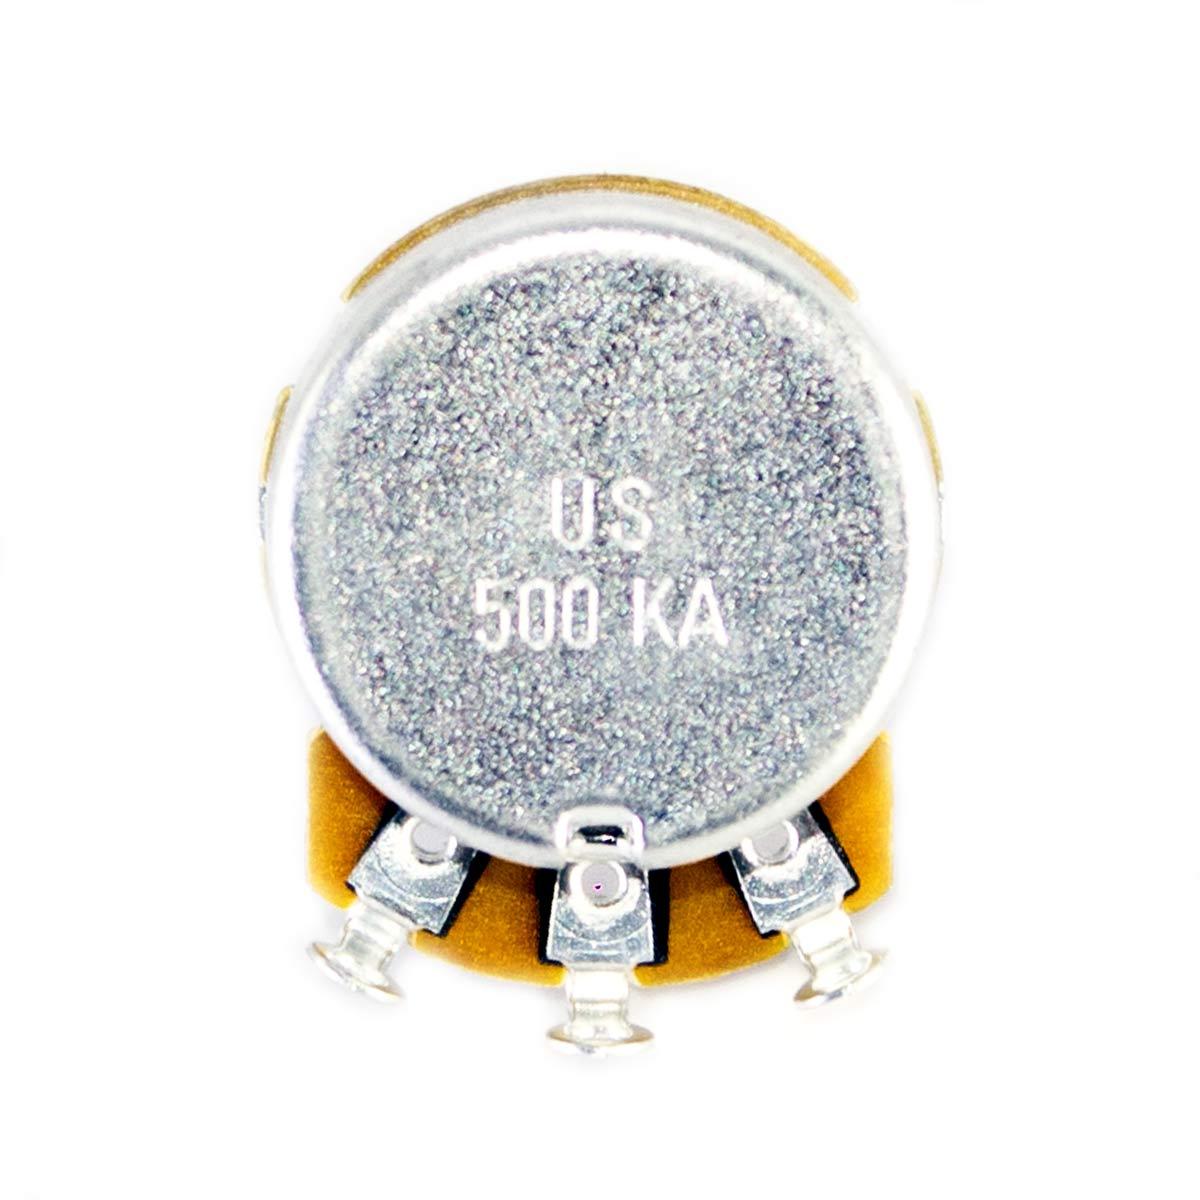 Potenciômetro Spirit A500k Base Grande Eixo Longo